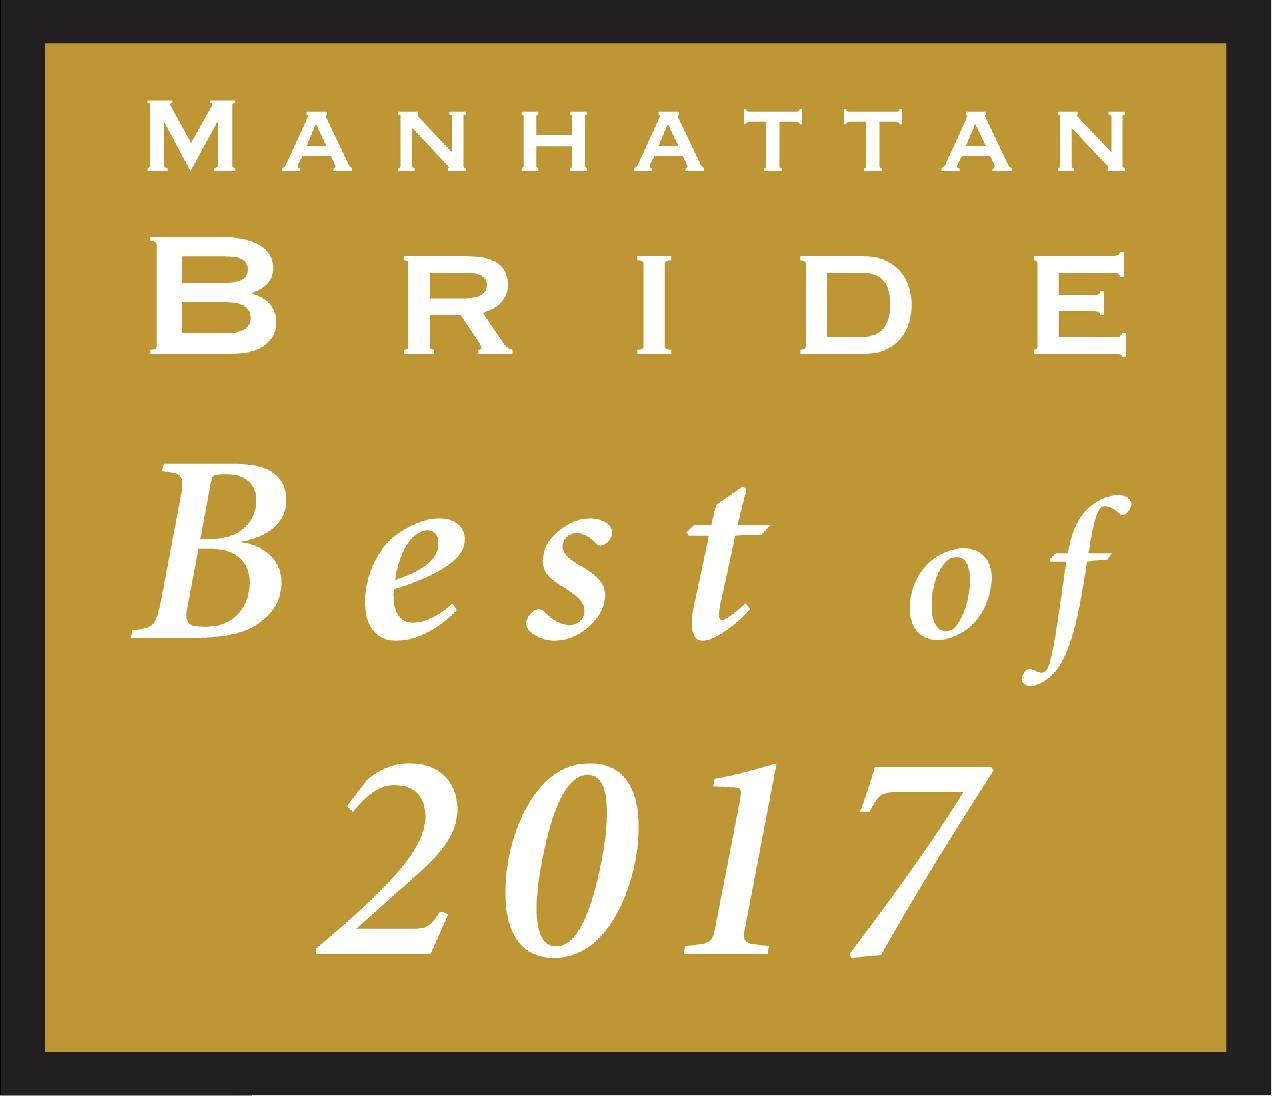 best-of-award-2017-gold-hi-res.png